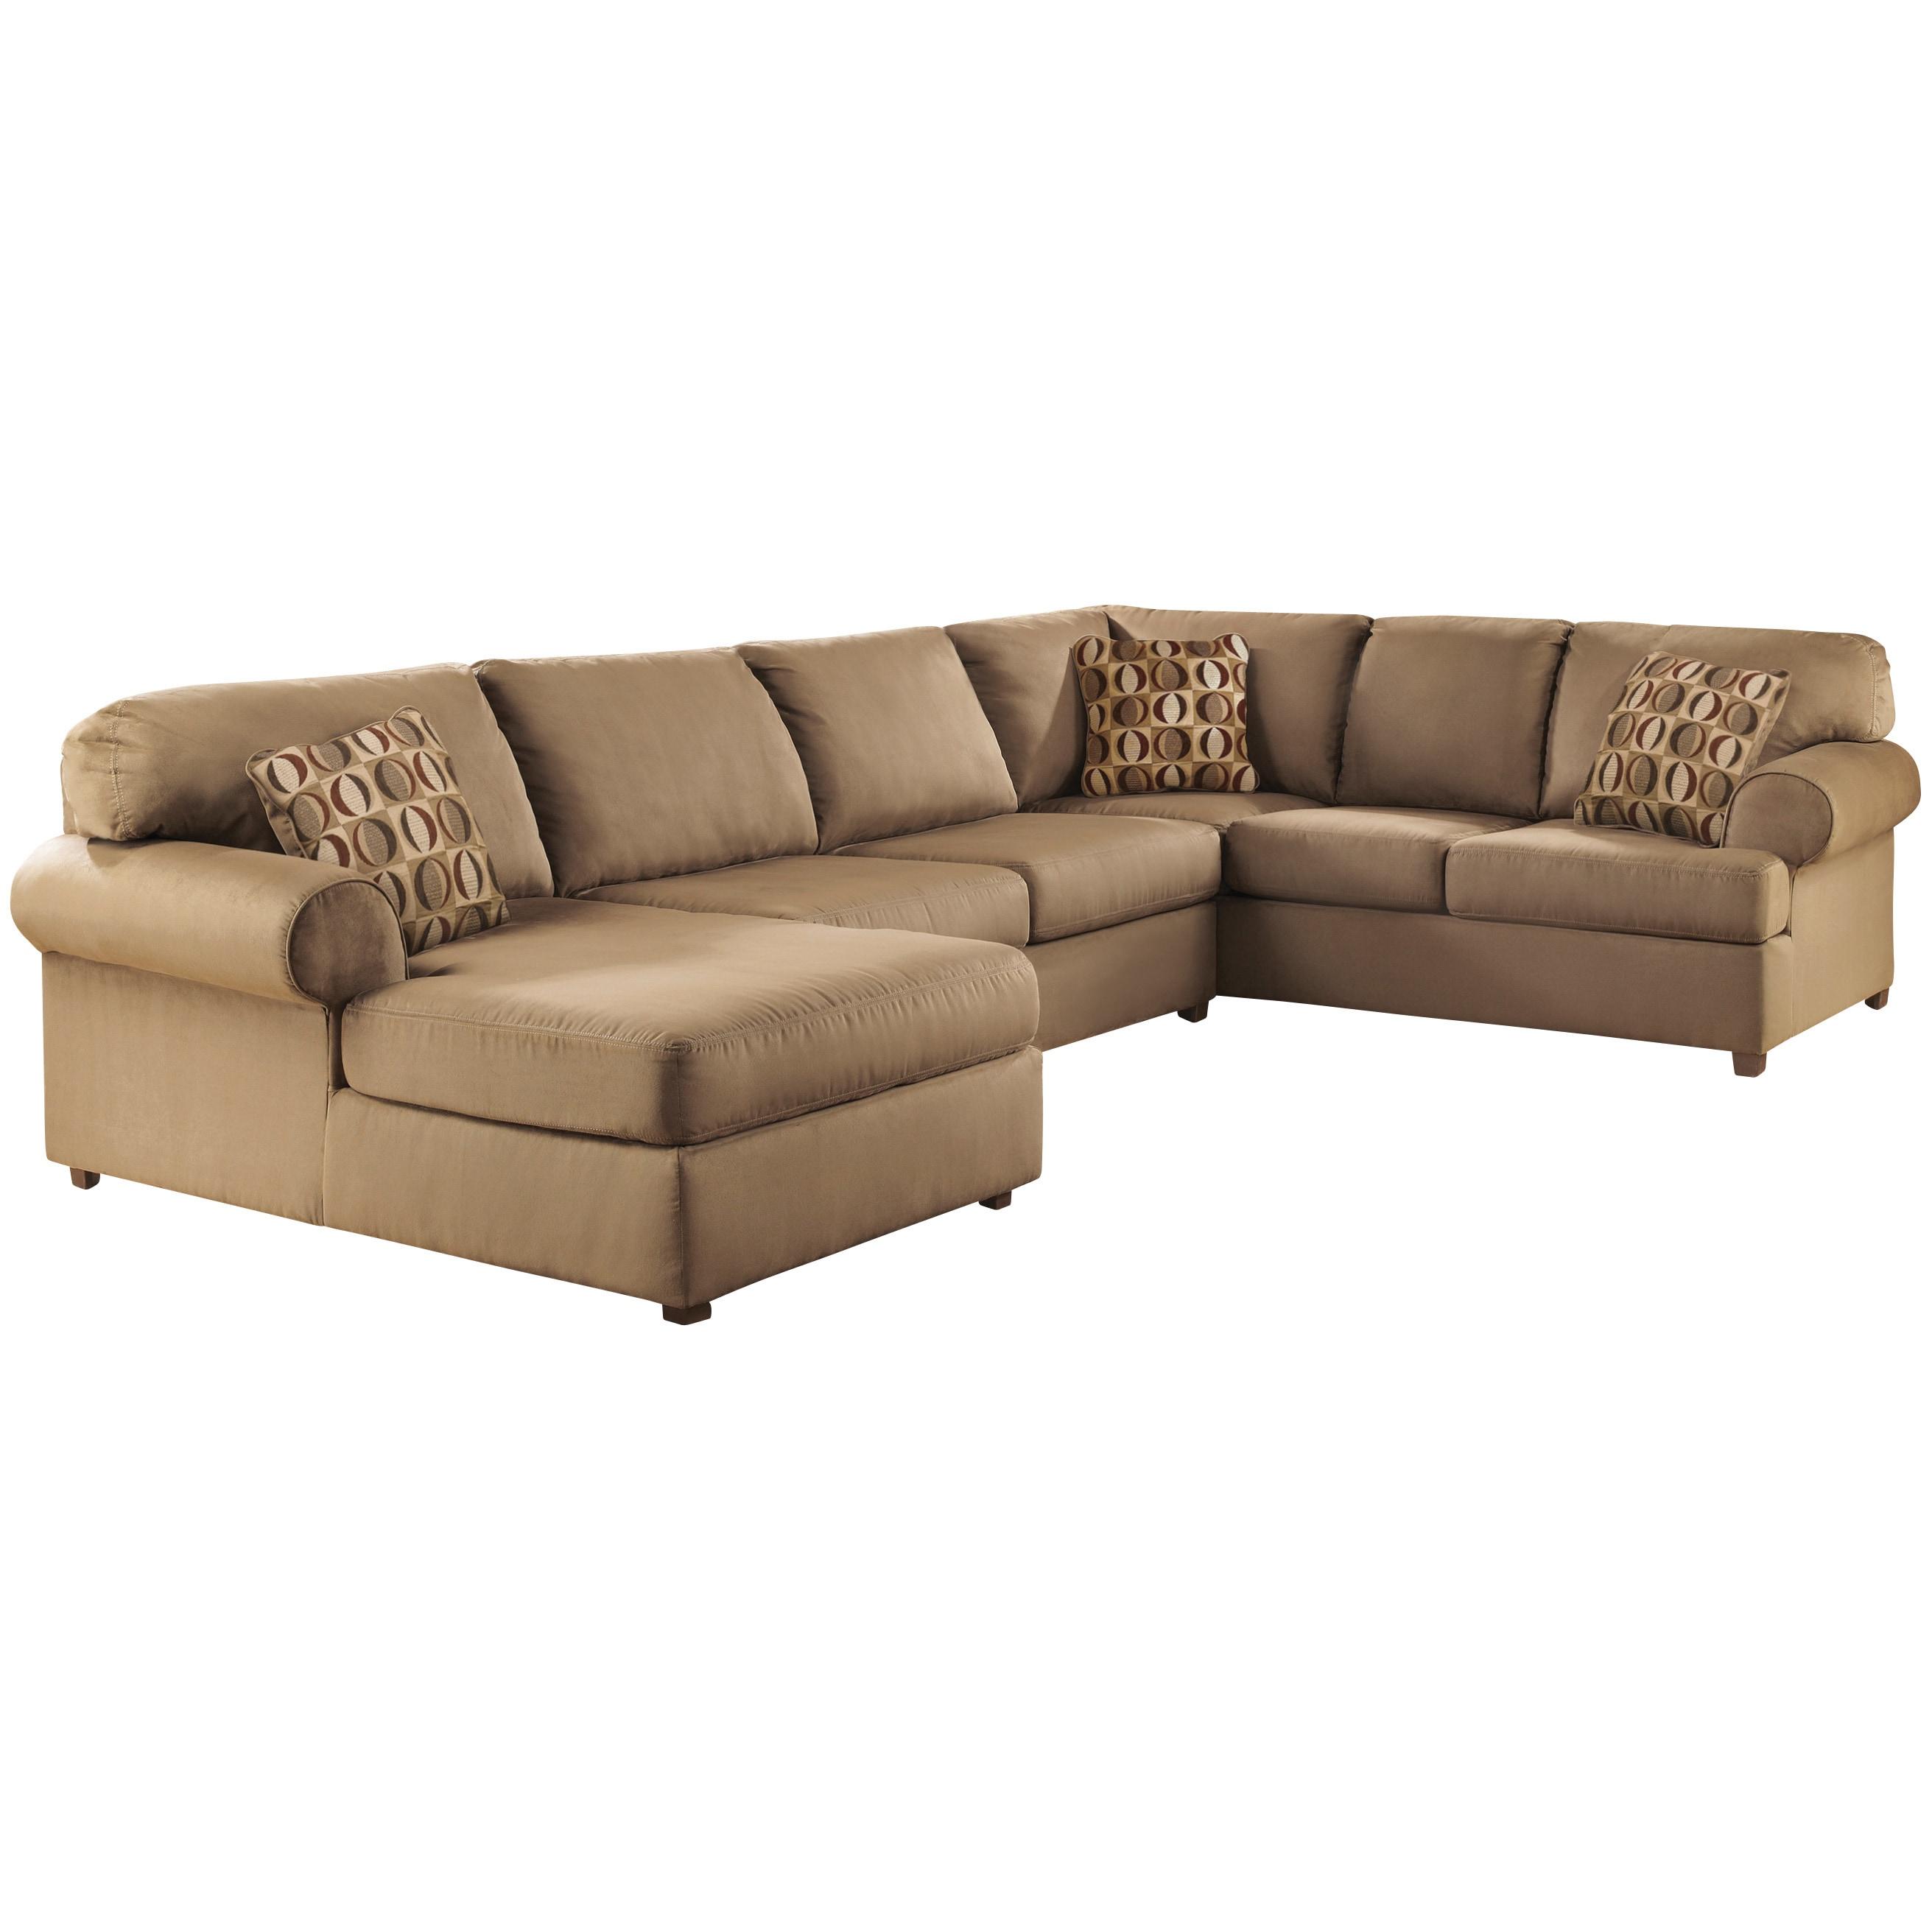 Fantastic Art Van Cowen Mocha 3 Piece Sectional Inzonedesignstudio Interior Chair Design Inzonedesignstudiocom